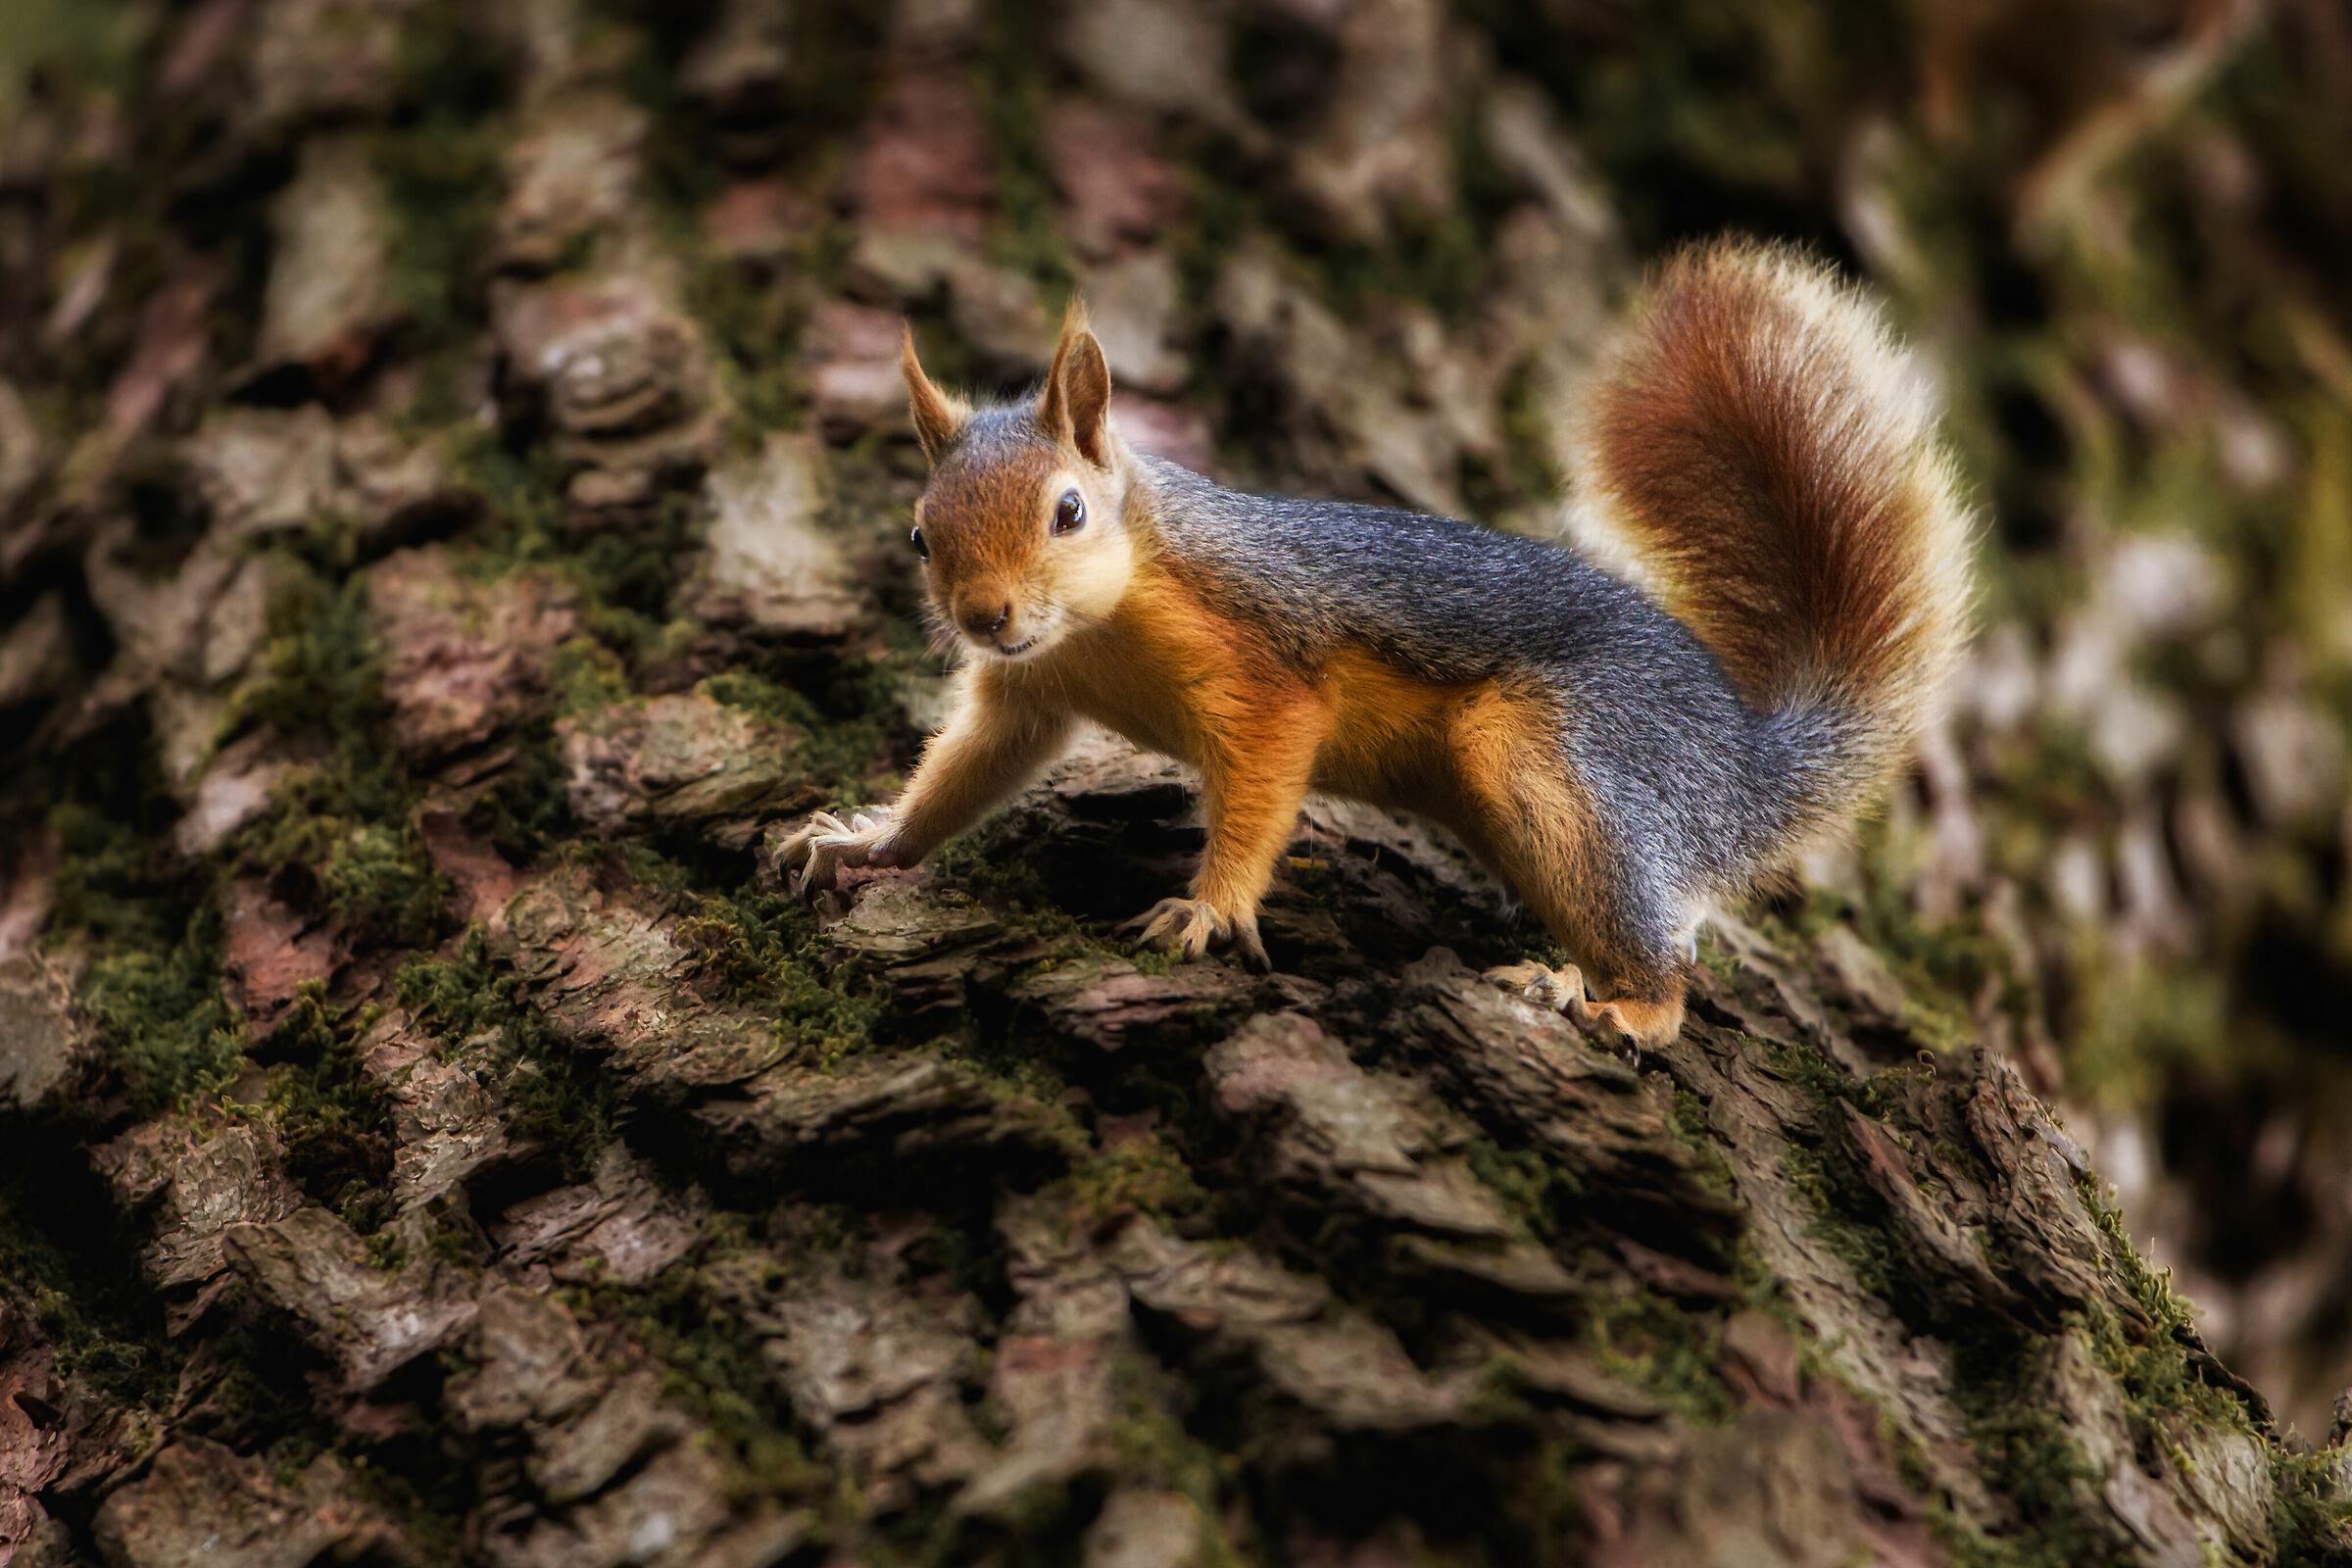 First squirrel...